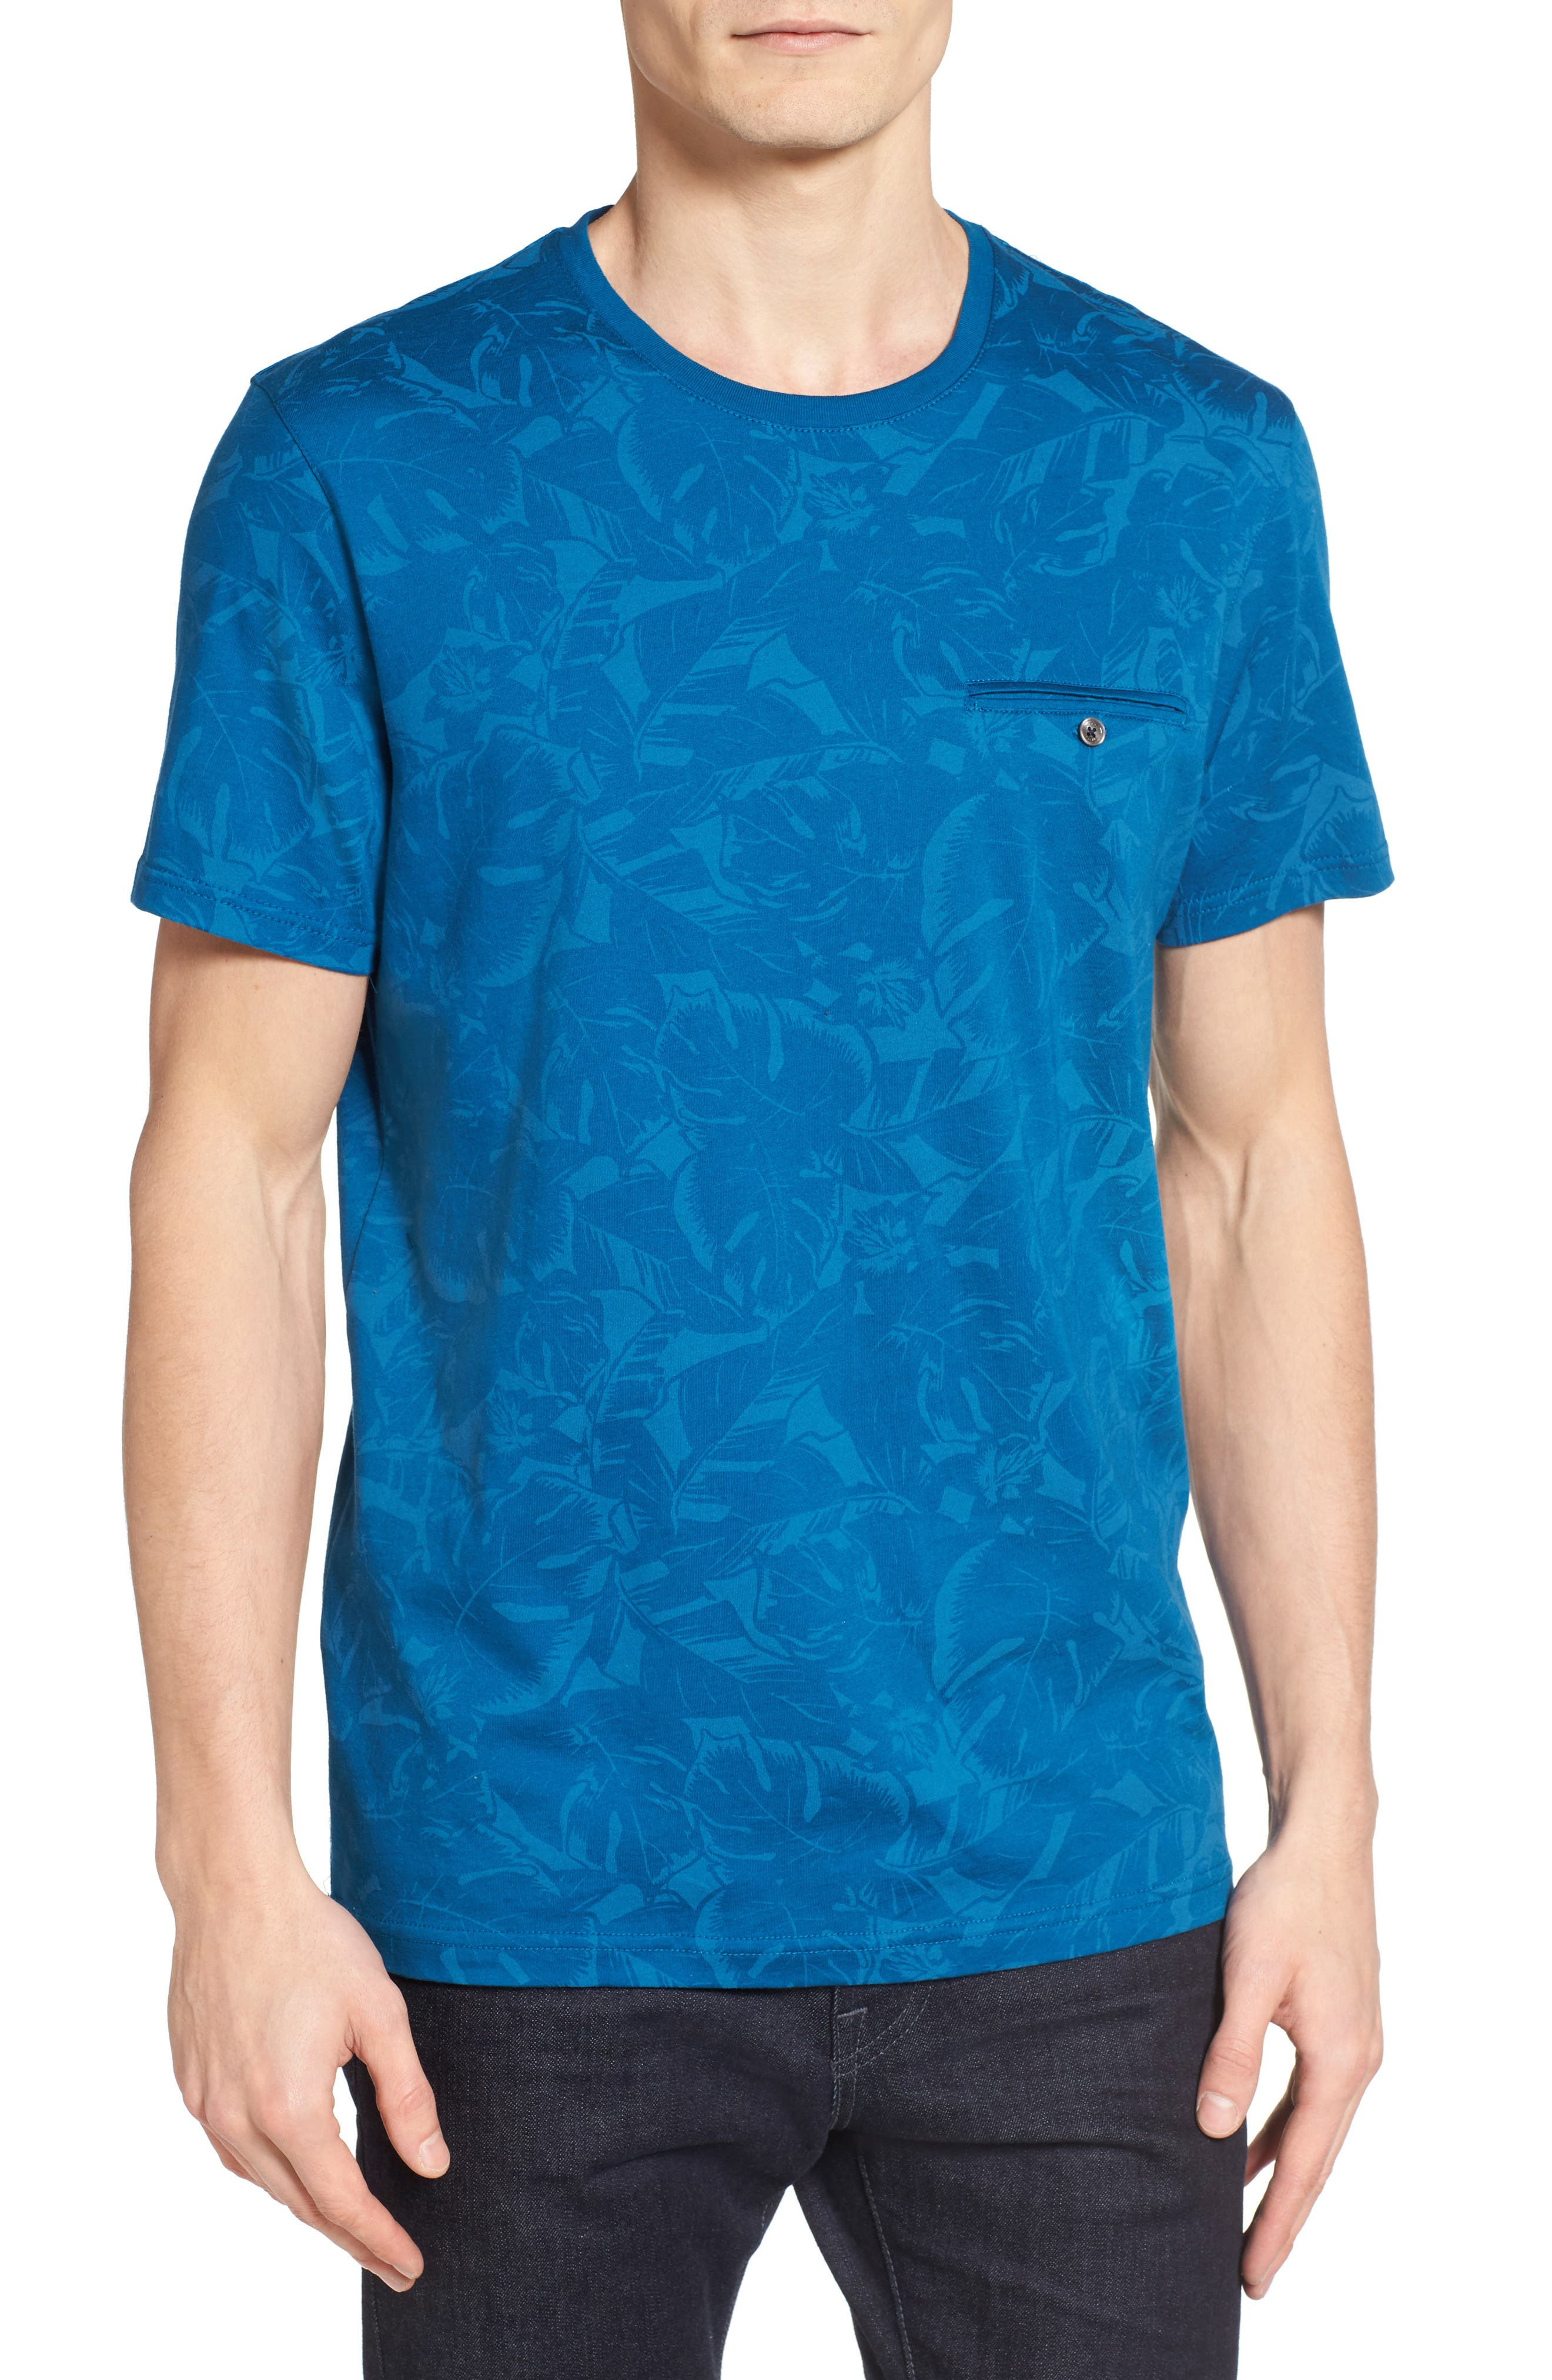 Ted Baker London Flowby Floral T-Shirt